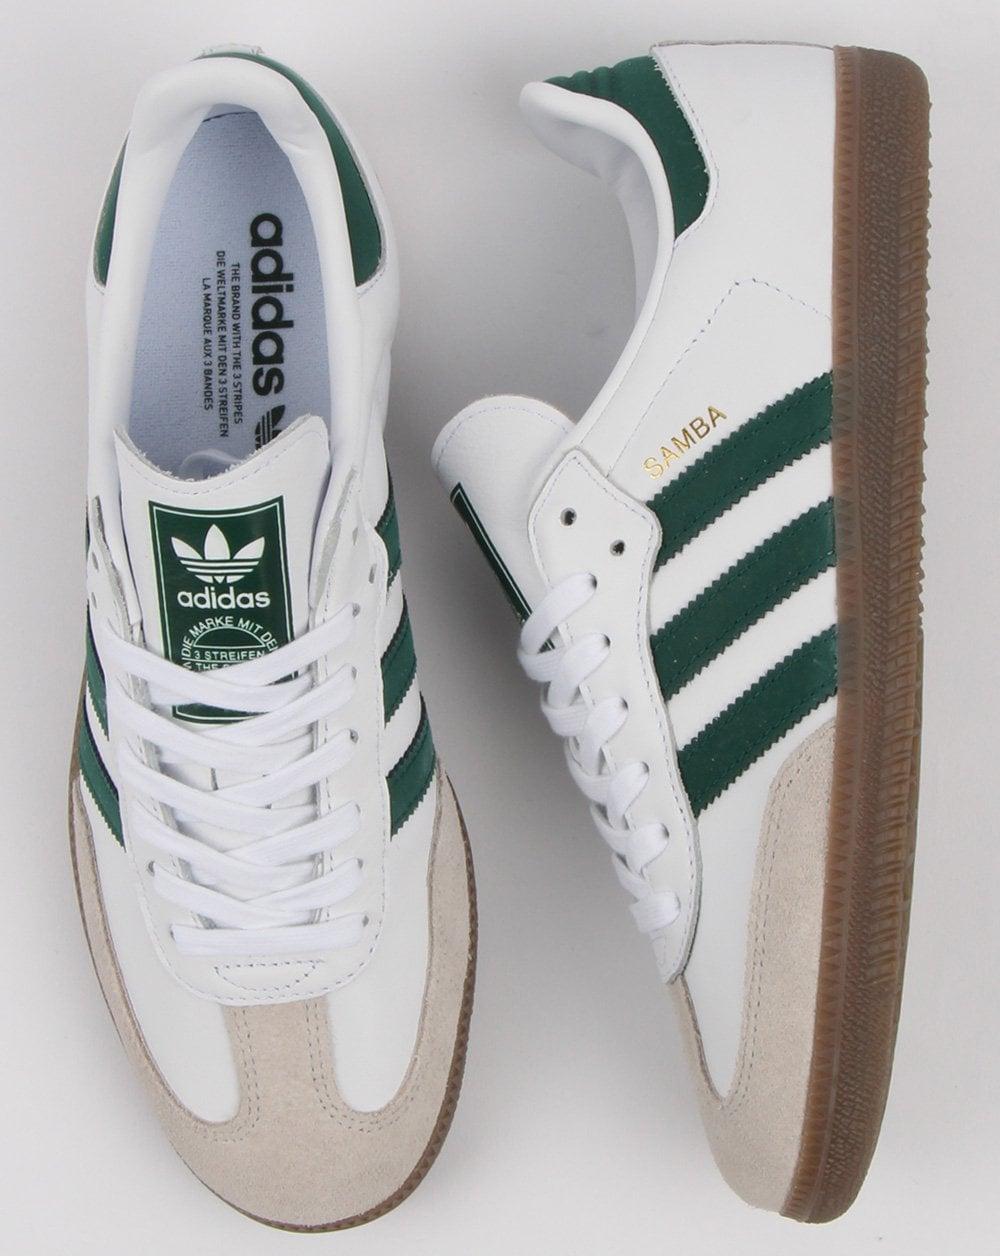 Adidas Samba Og Trainers Whitecollegiate Green